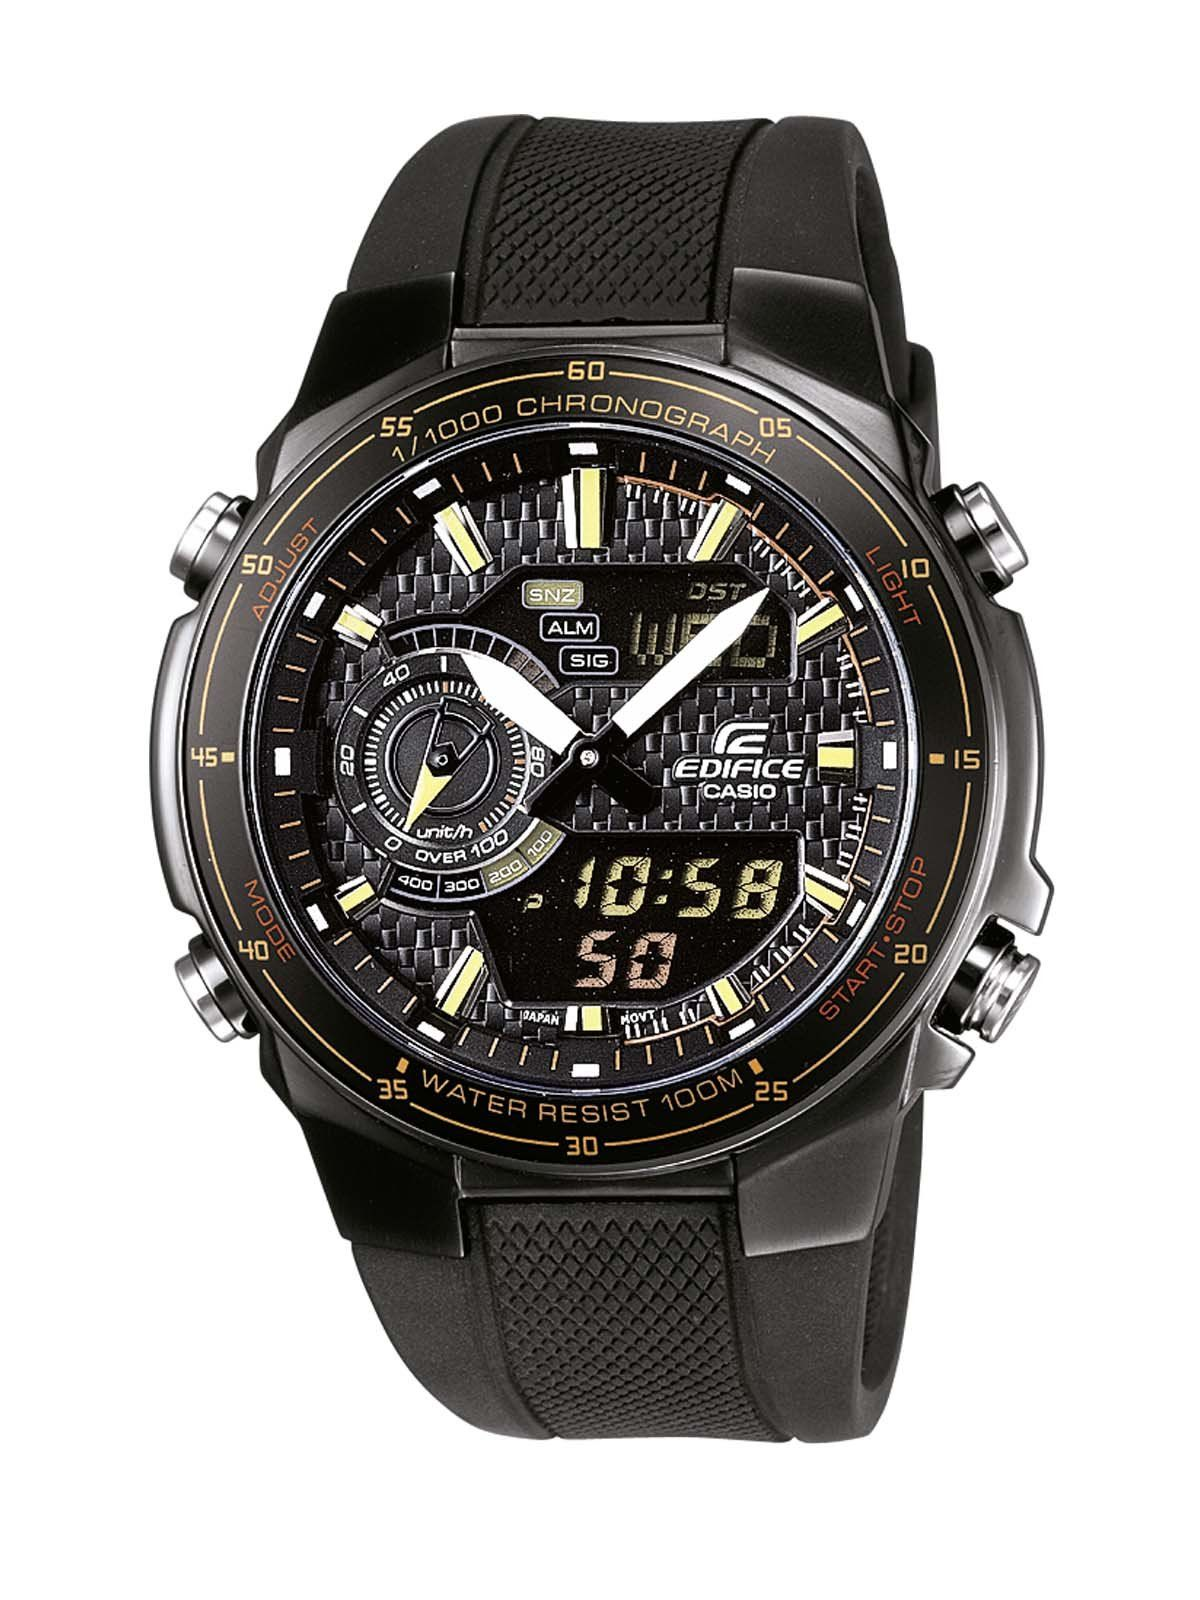 CASIO EFA-131PB-1AVEF - Reloj de caballero de cuarzo, correa de resina color negro: Amazon.es: Relojes